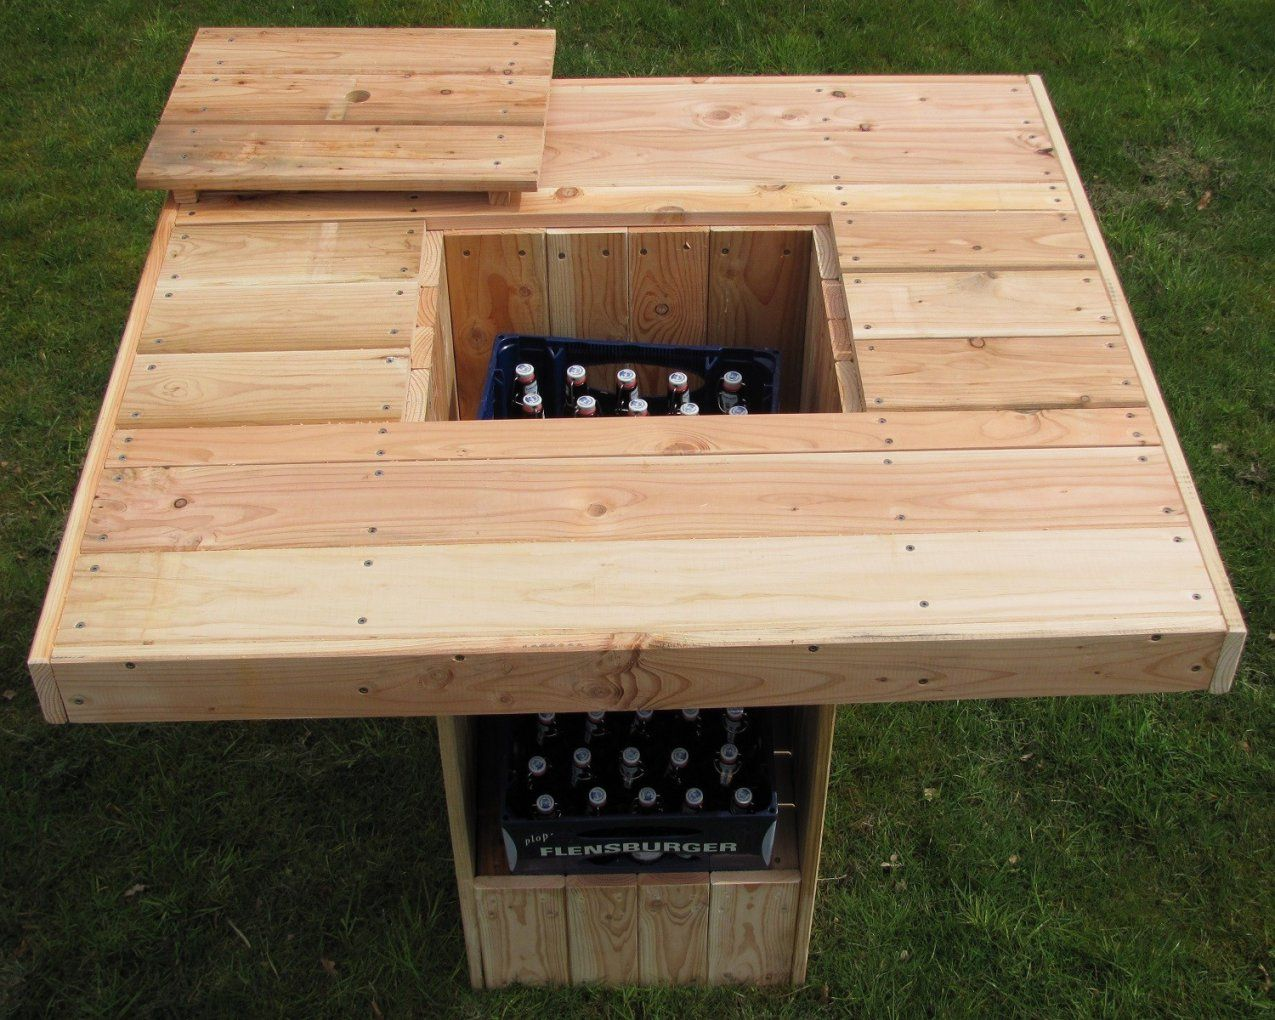 Gartentisch Selber Bauen Holz : modern gartentisch holz rustikal selber bauen kartaginafo ~ Watch28wear.com Haus und Dekorationen